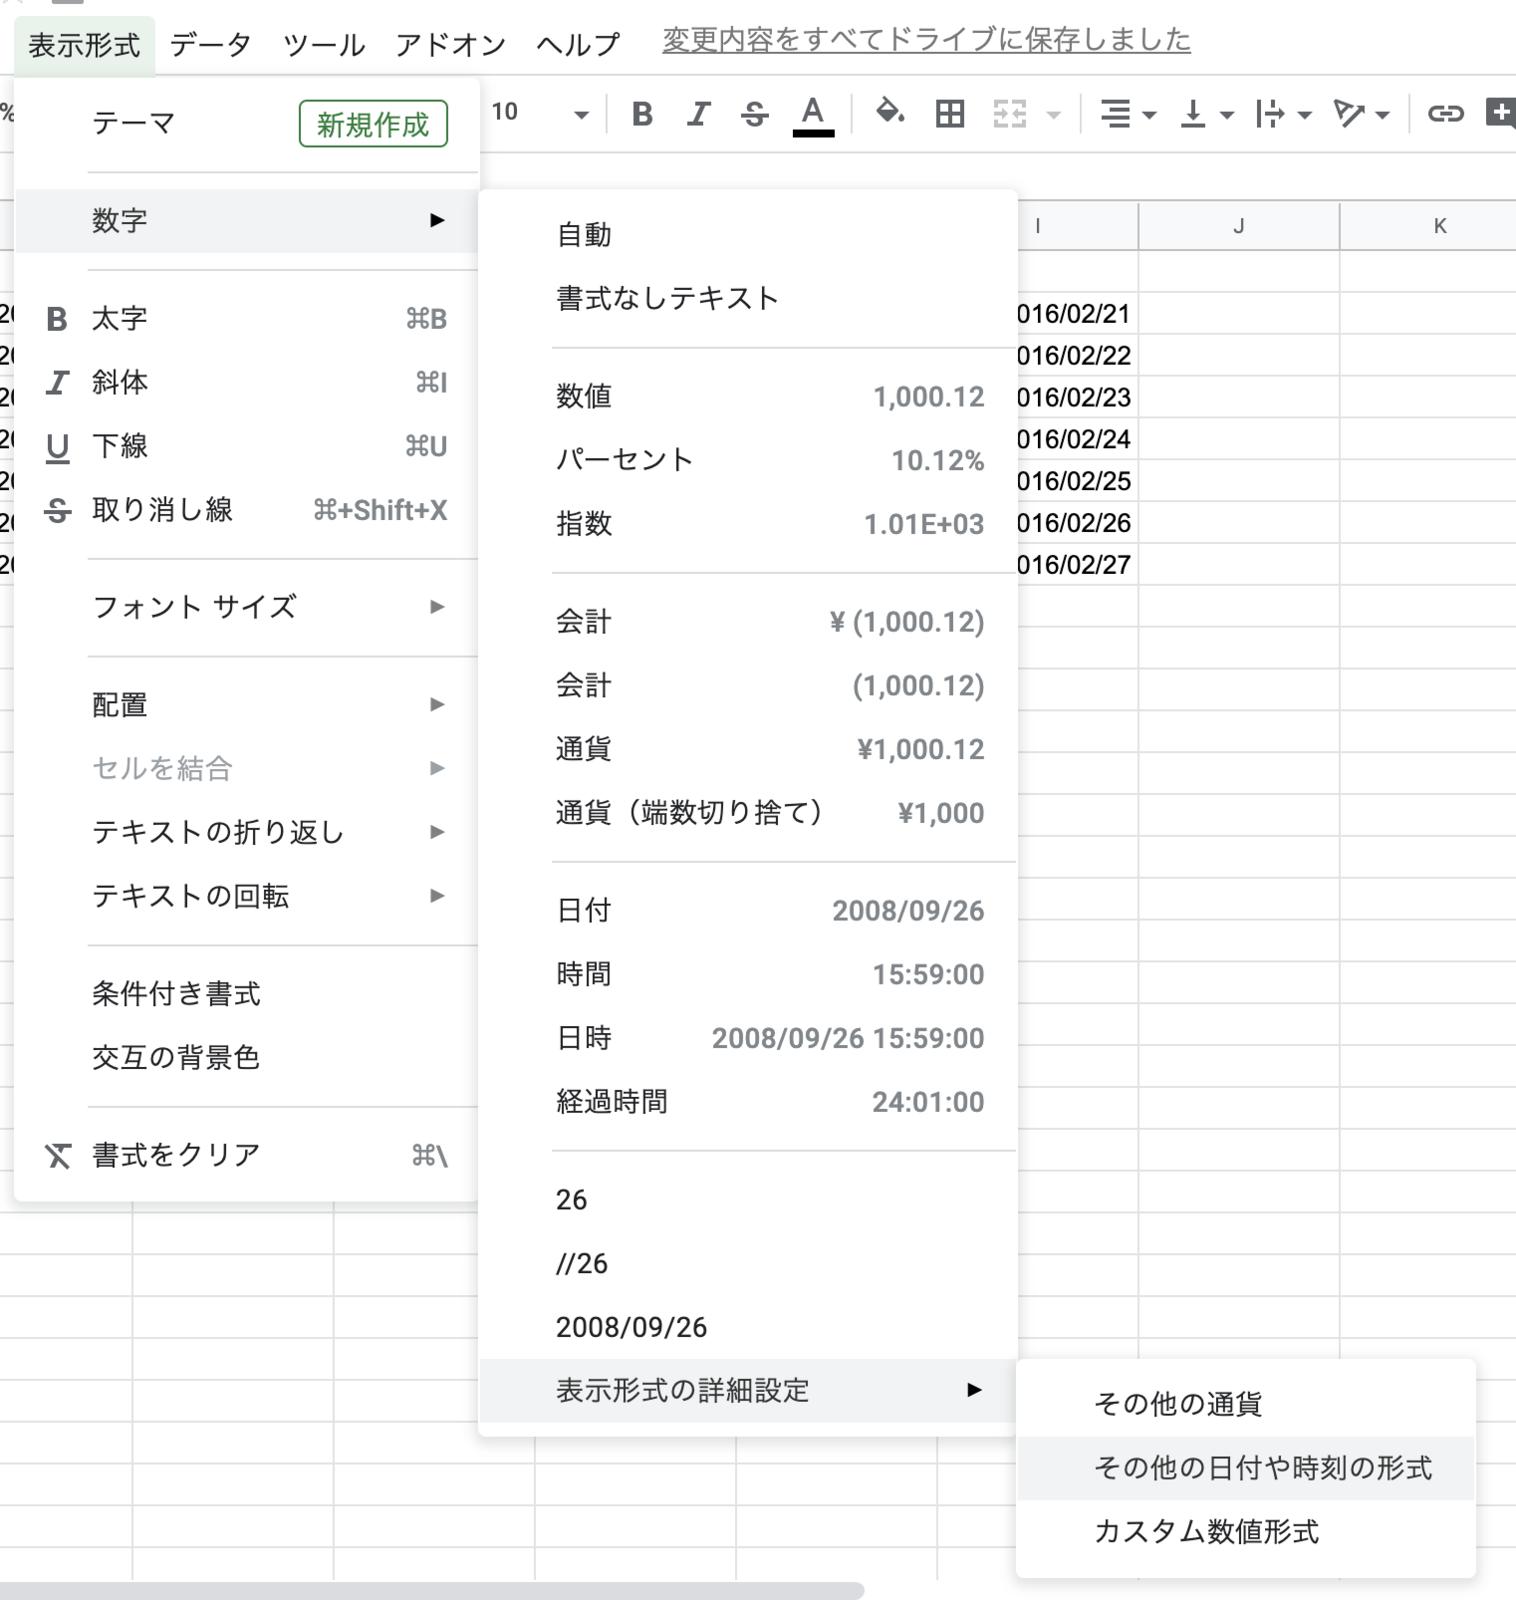 f:id:yoshitsugumi:20190817222331p:plain